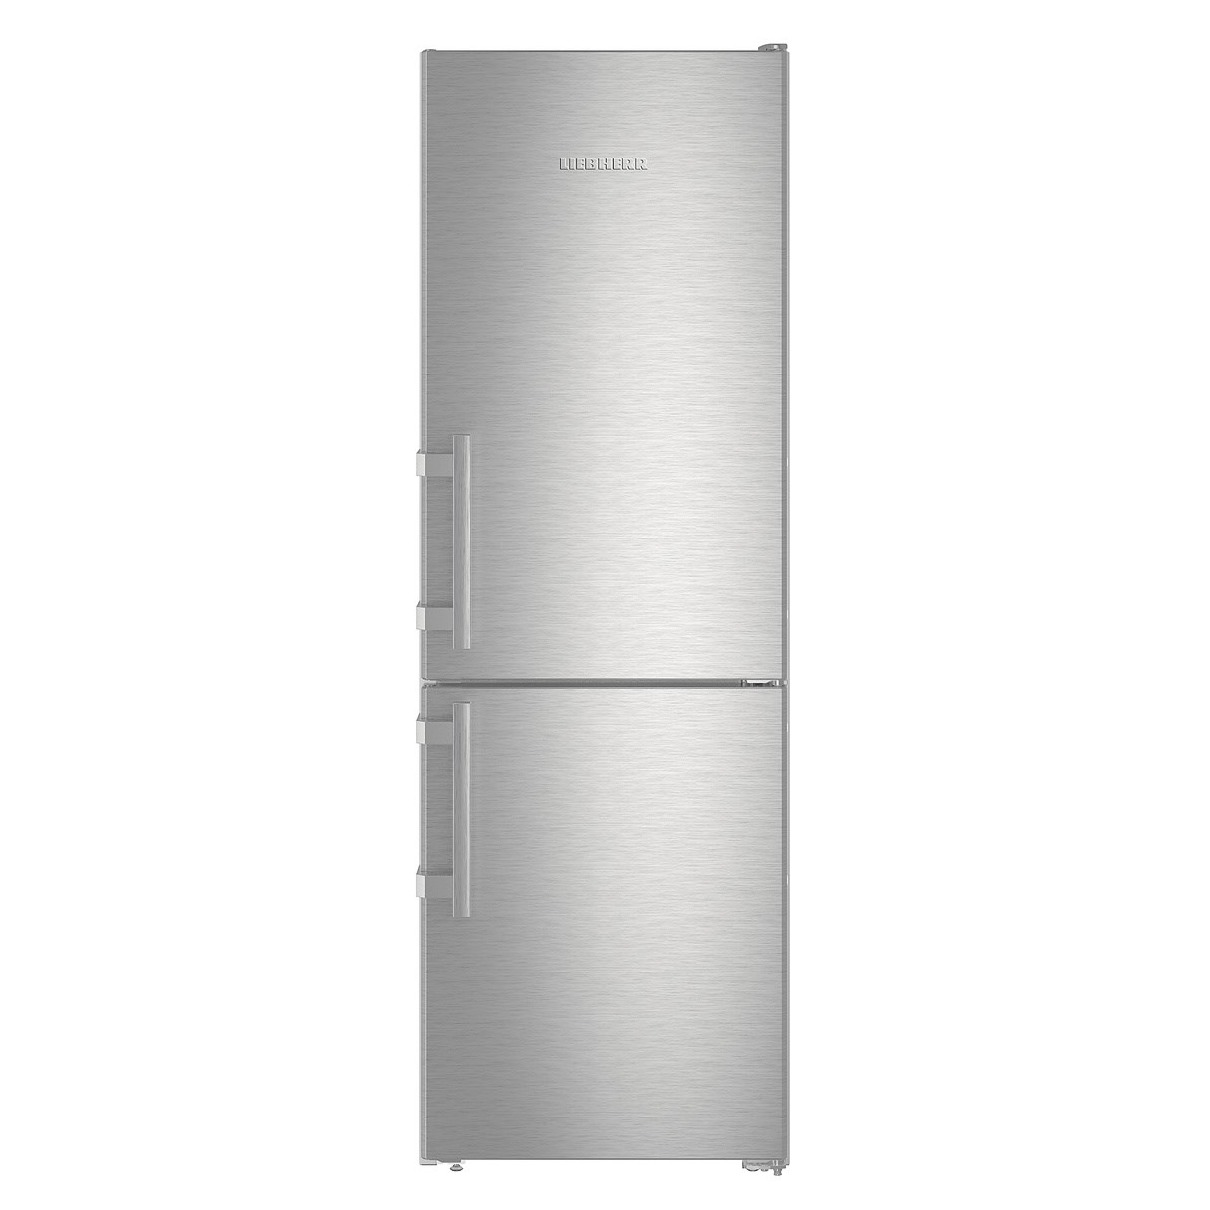 Liebherr koelkast met vriesvak CNef 3515-20